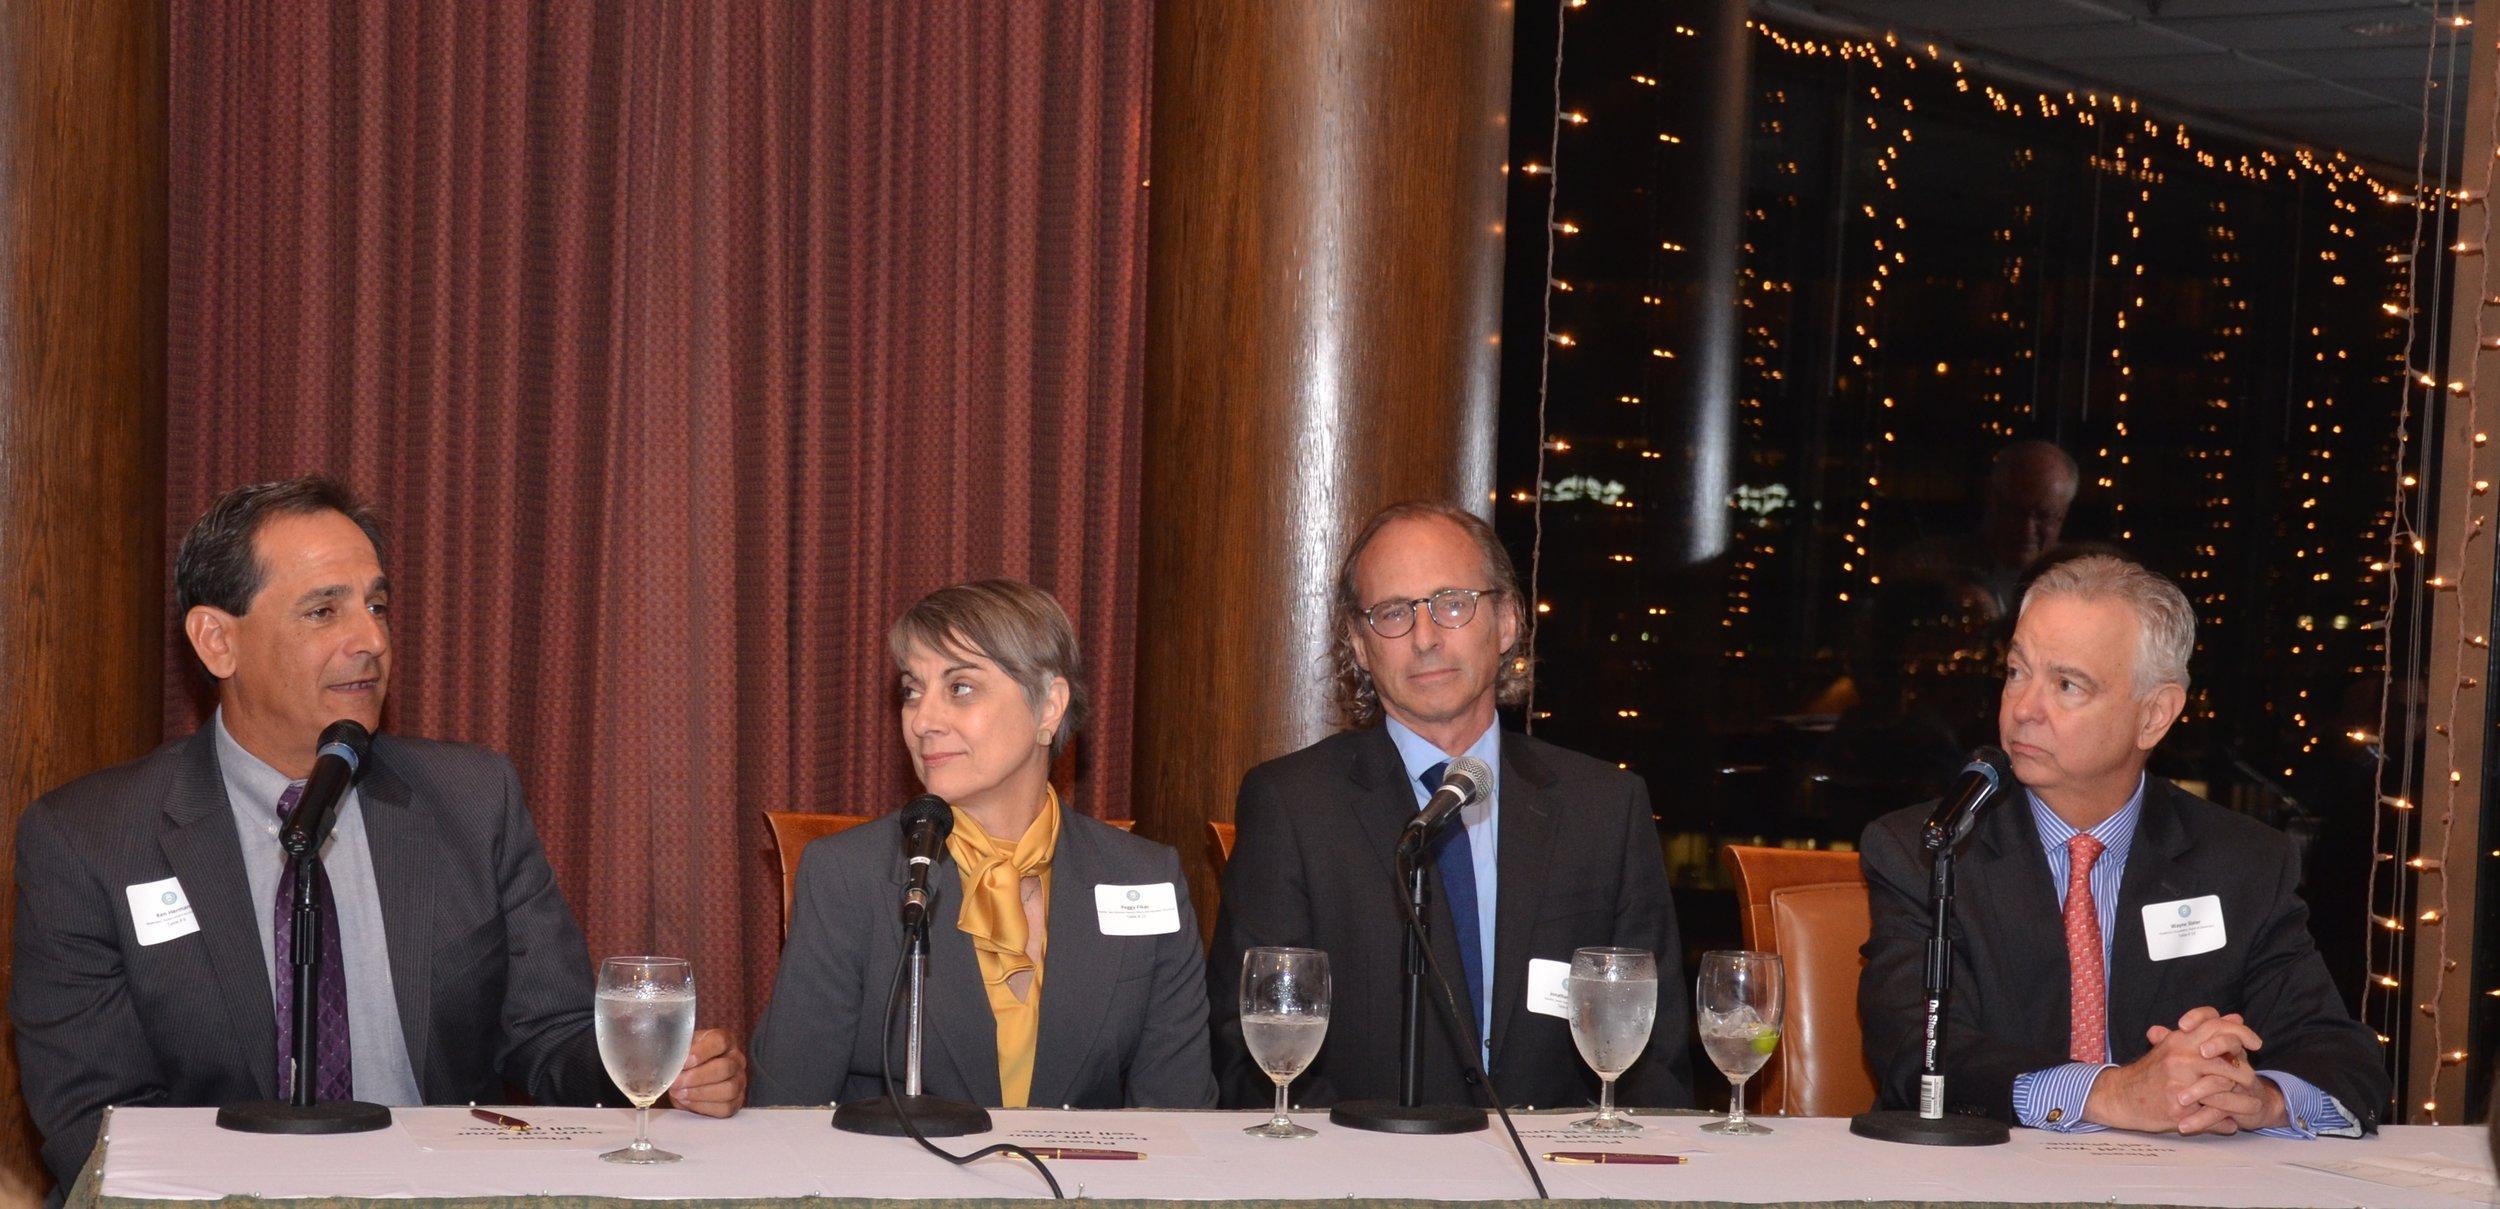 20_Moderator-Ken-Herman-and-panelists-Peggy-Fikac-Jonathan-Tilove-and-Wayne-Slater.jpg